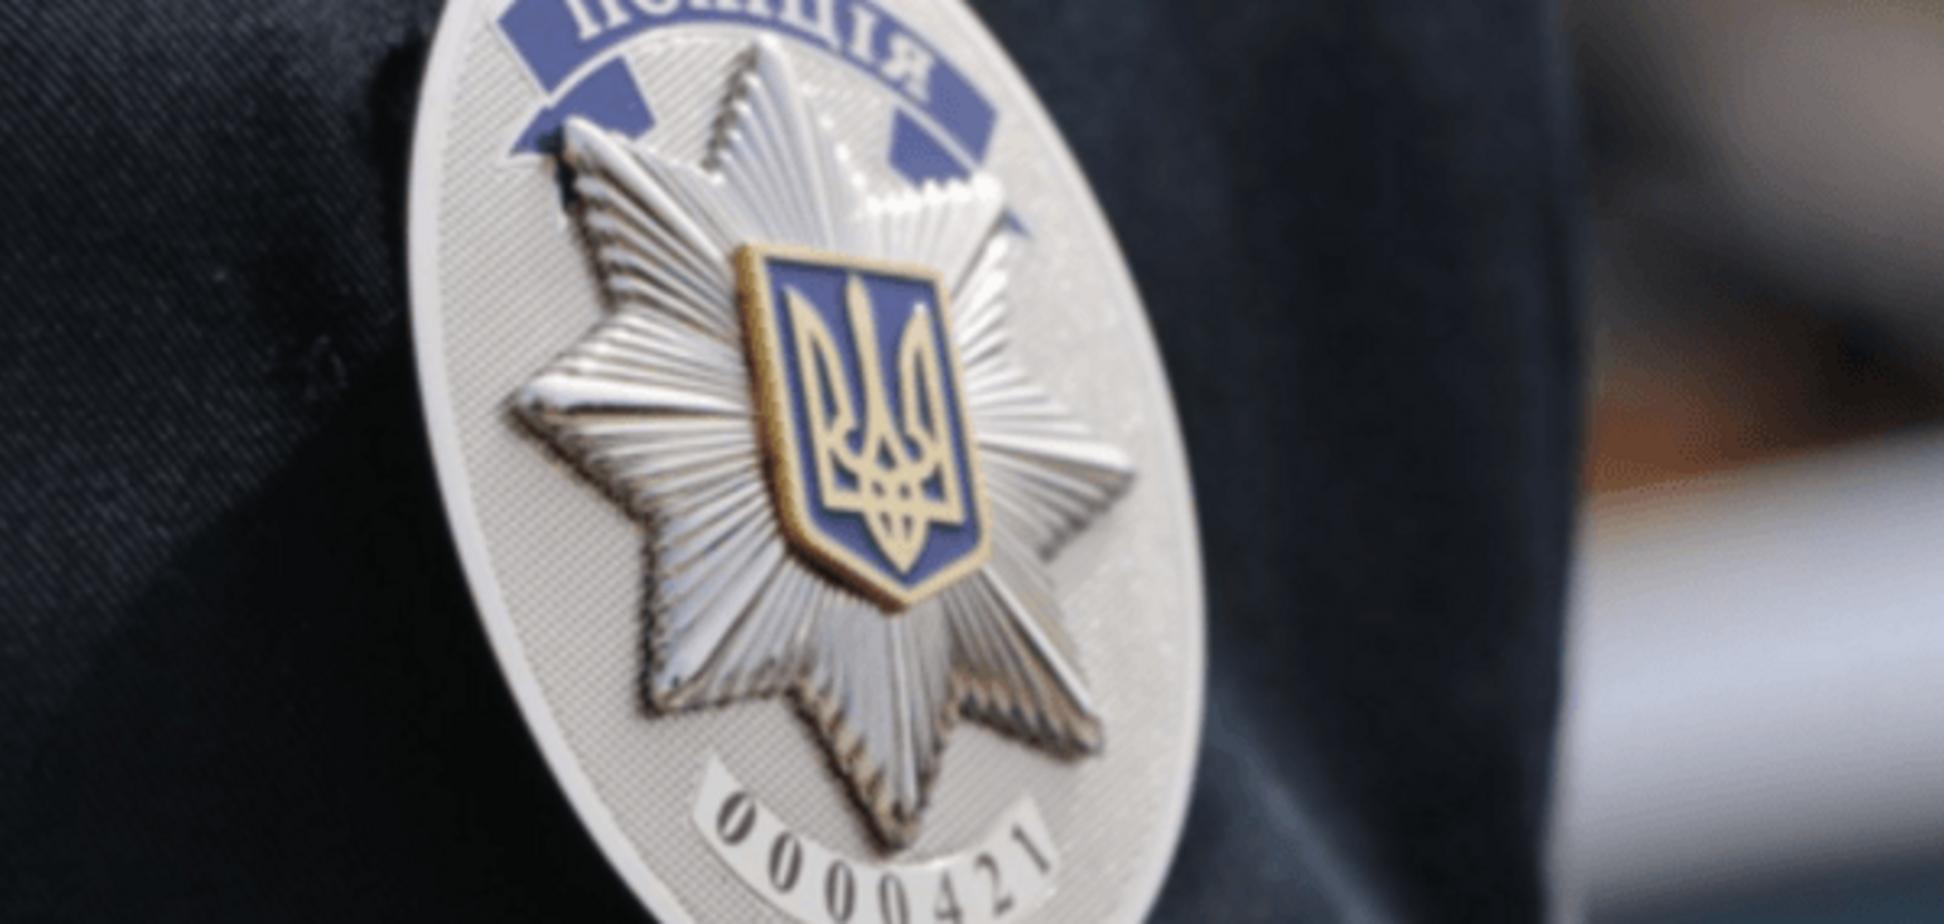 За побиття піаніста заплатив життям: шокуючі подробиці бійки в Києві